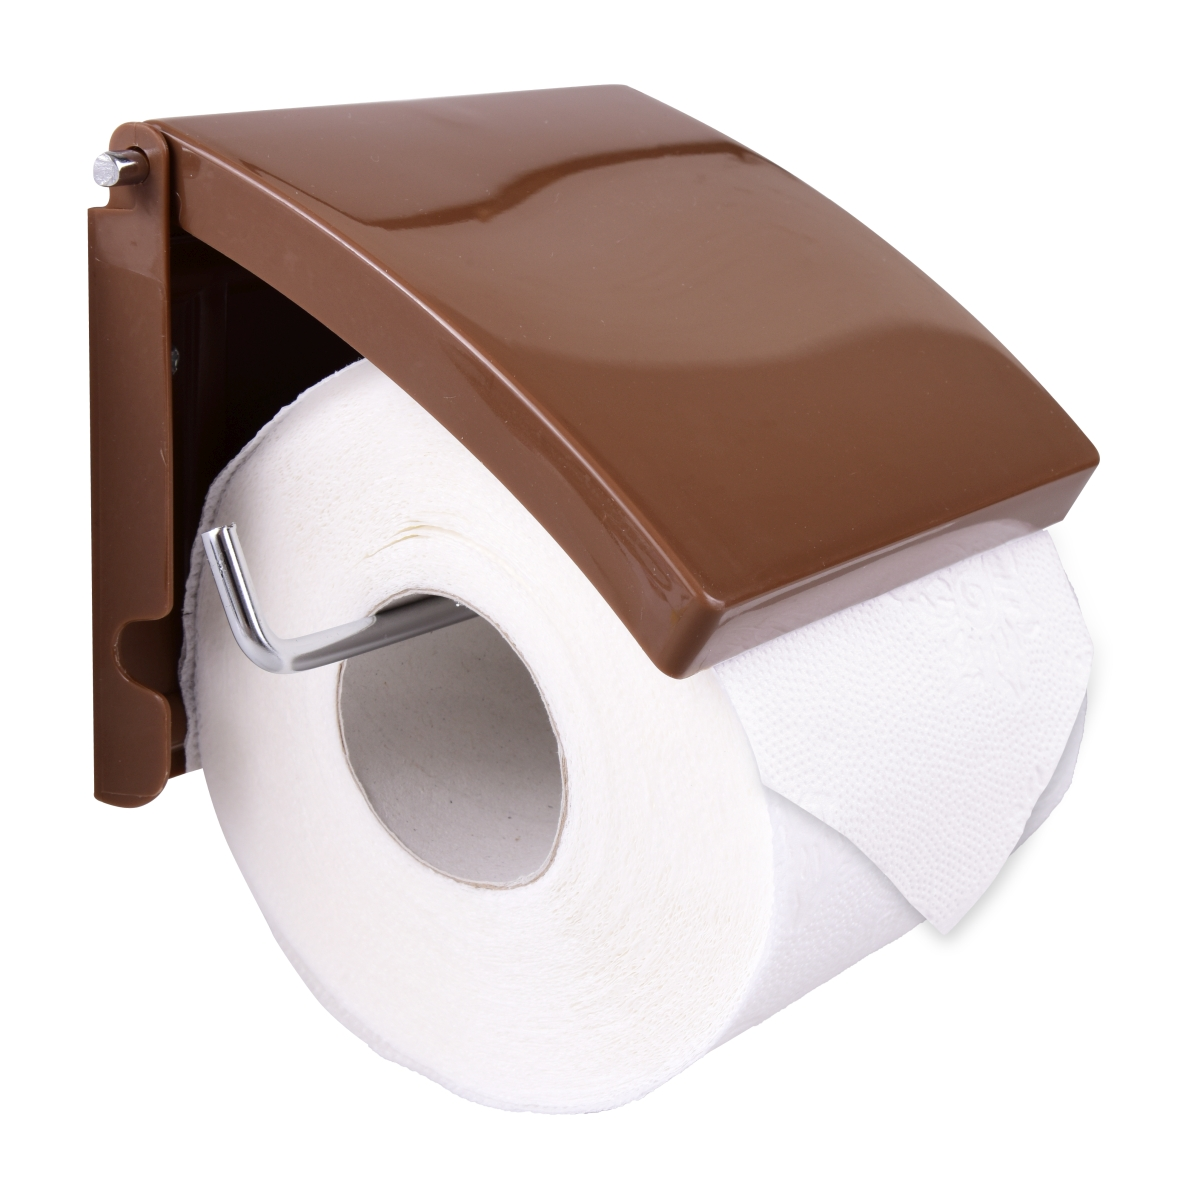 Držák toaletního papíru čokoládový